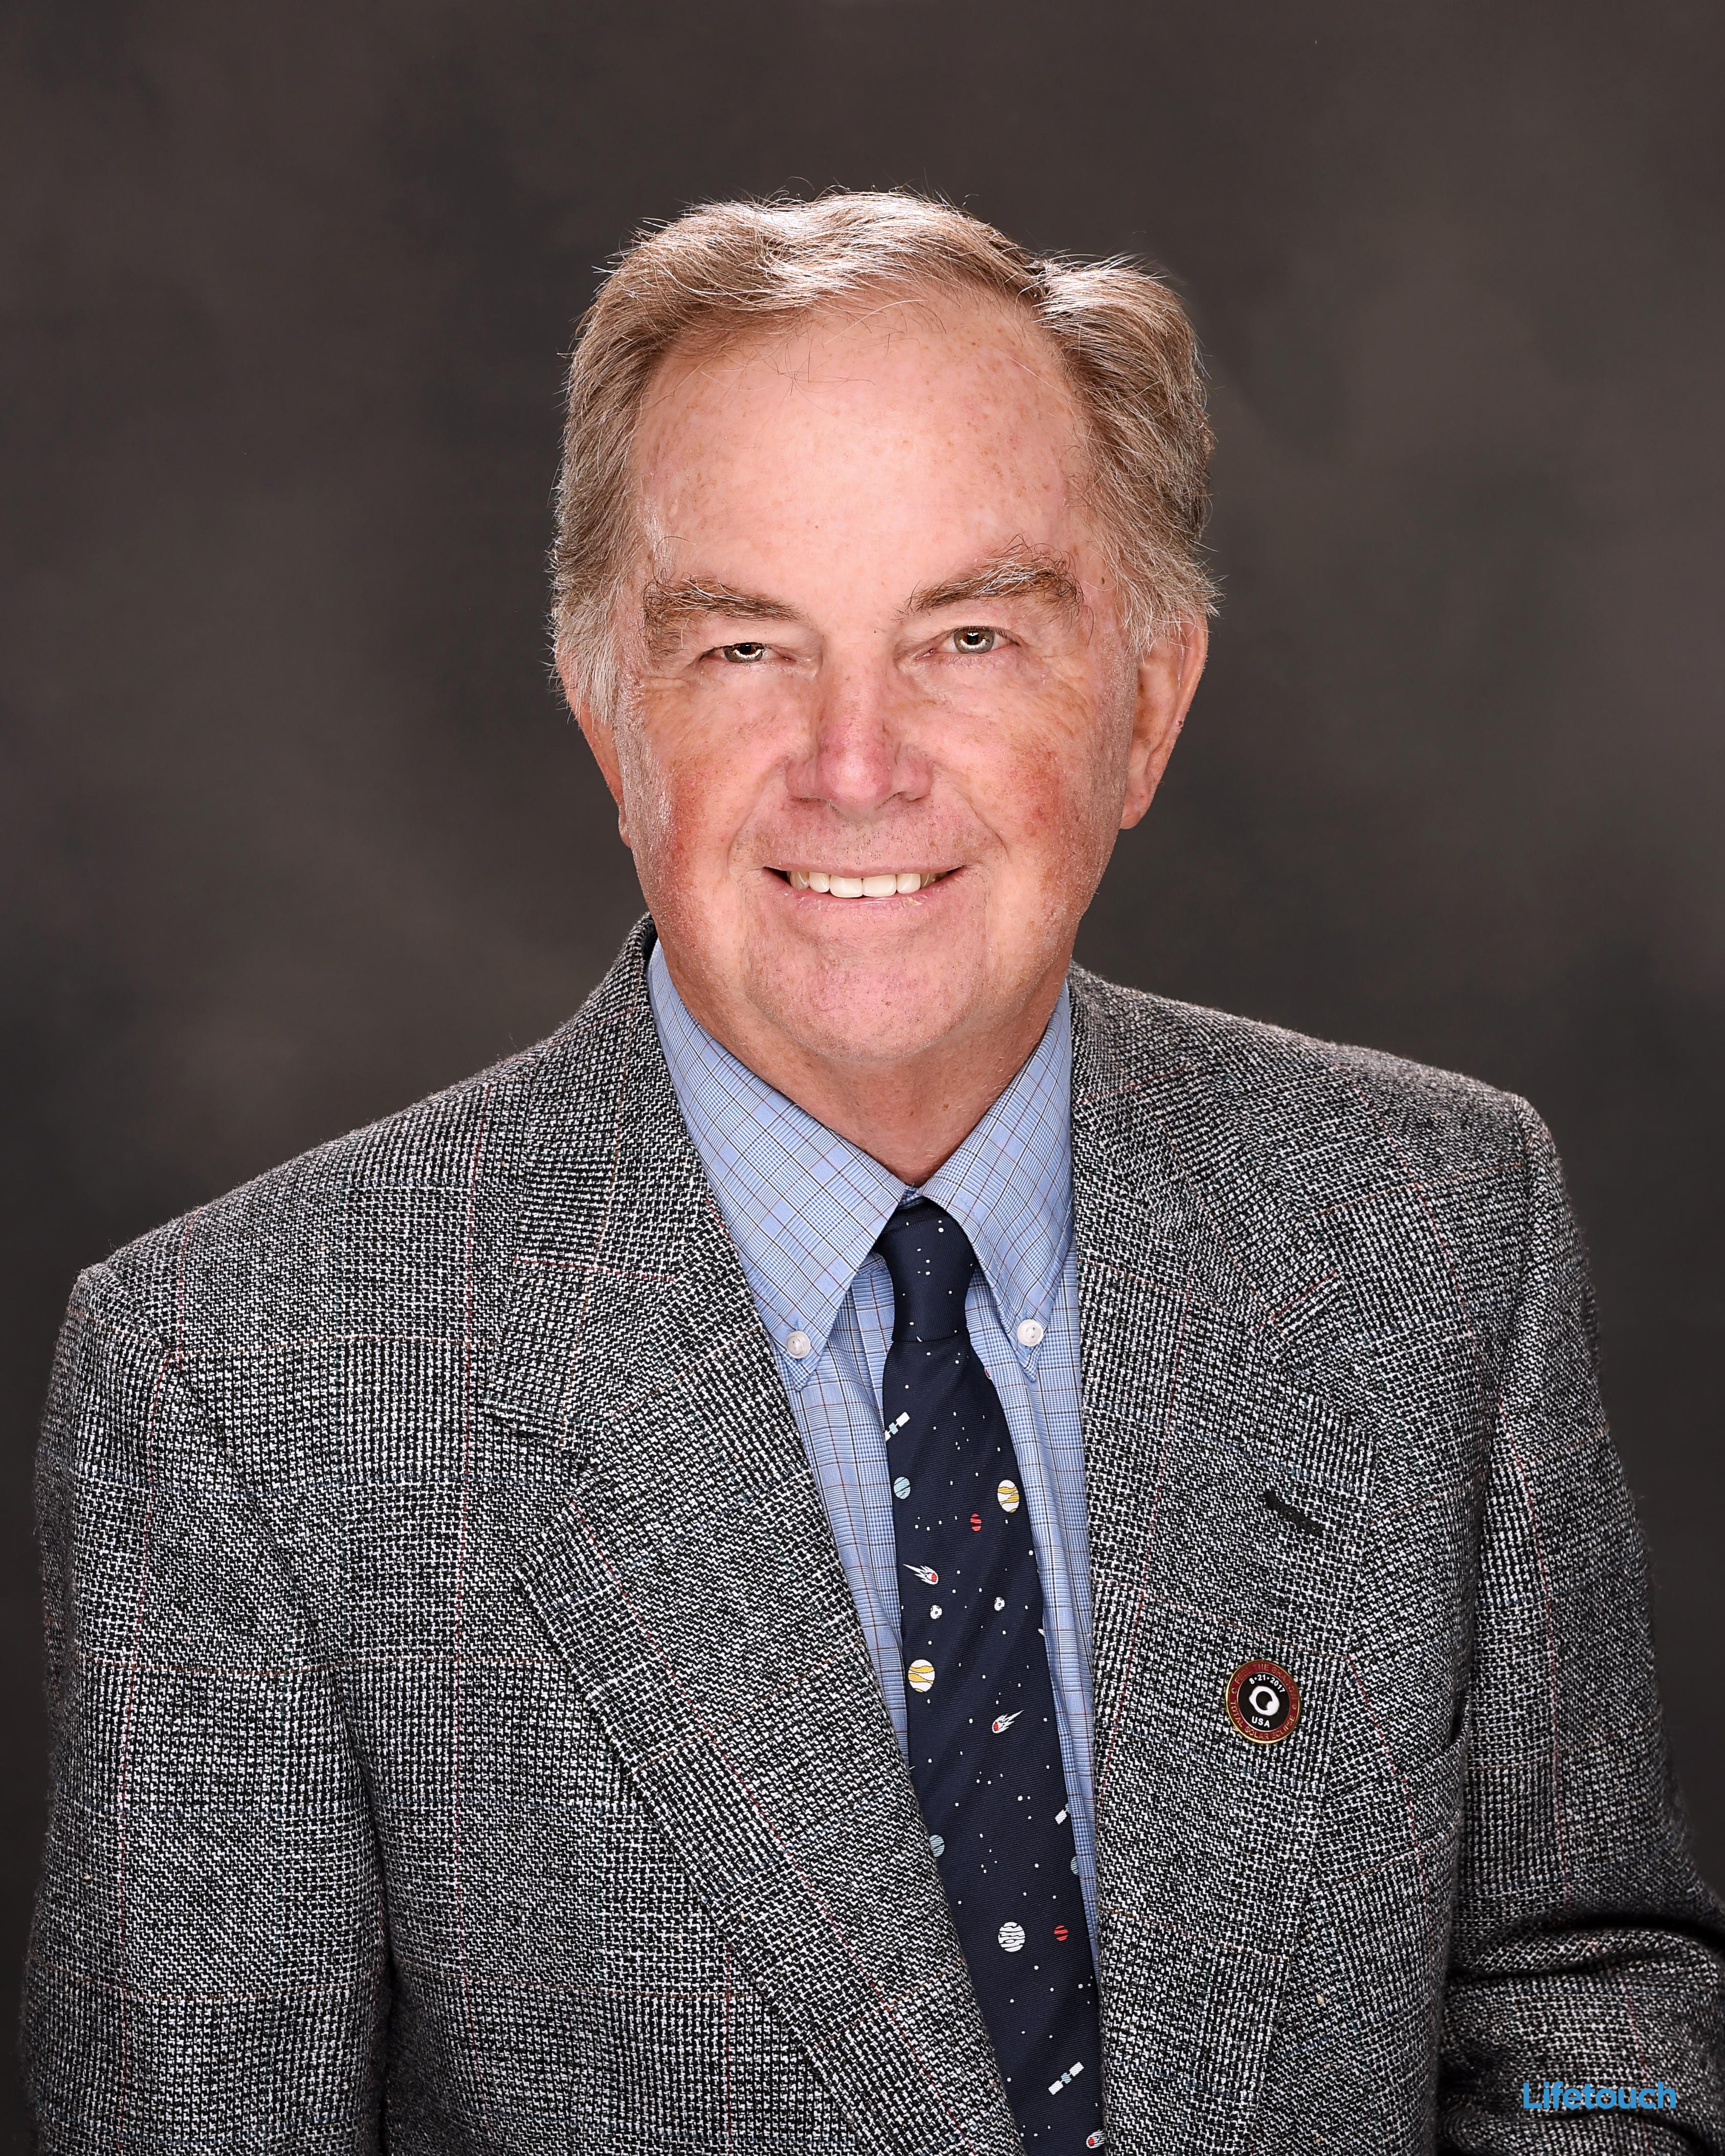 Dr. Robert J. Hitt